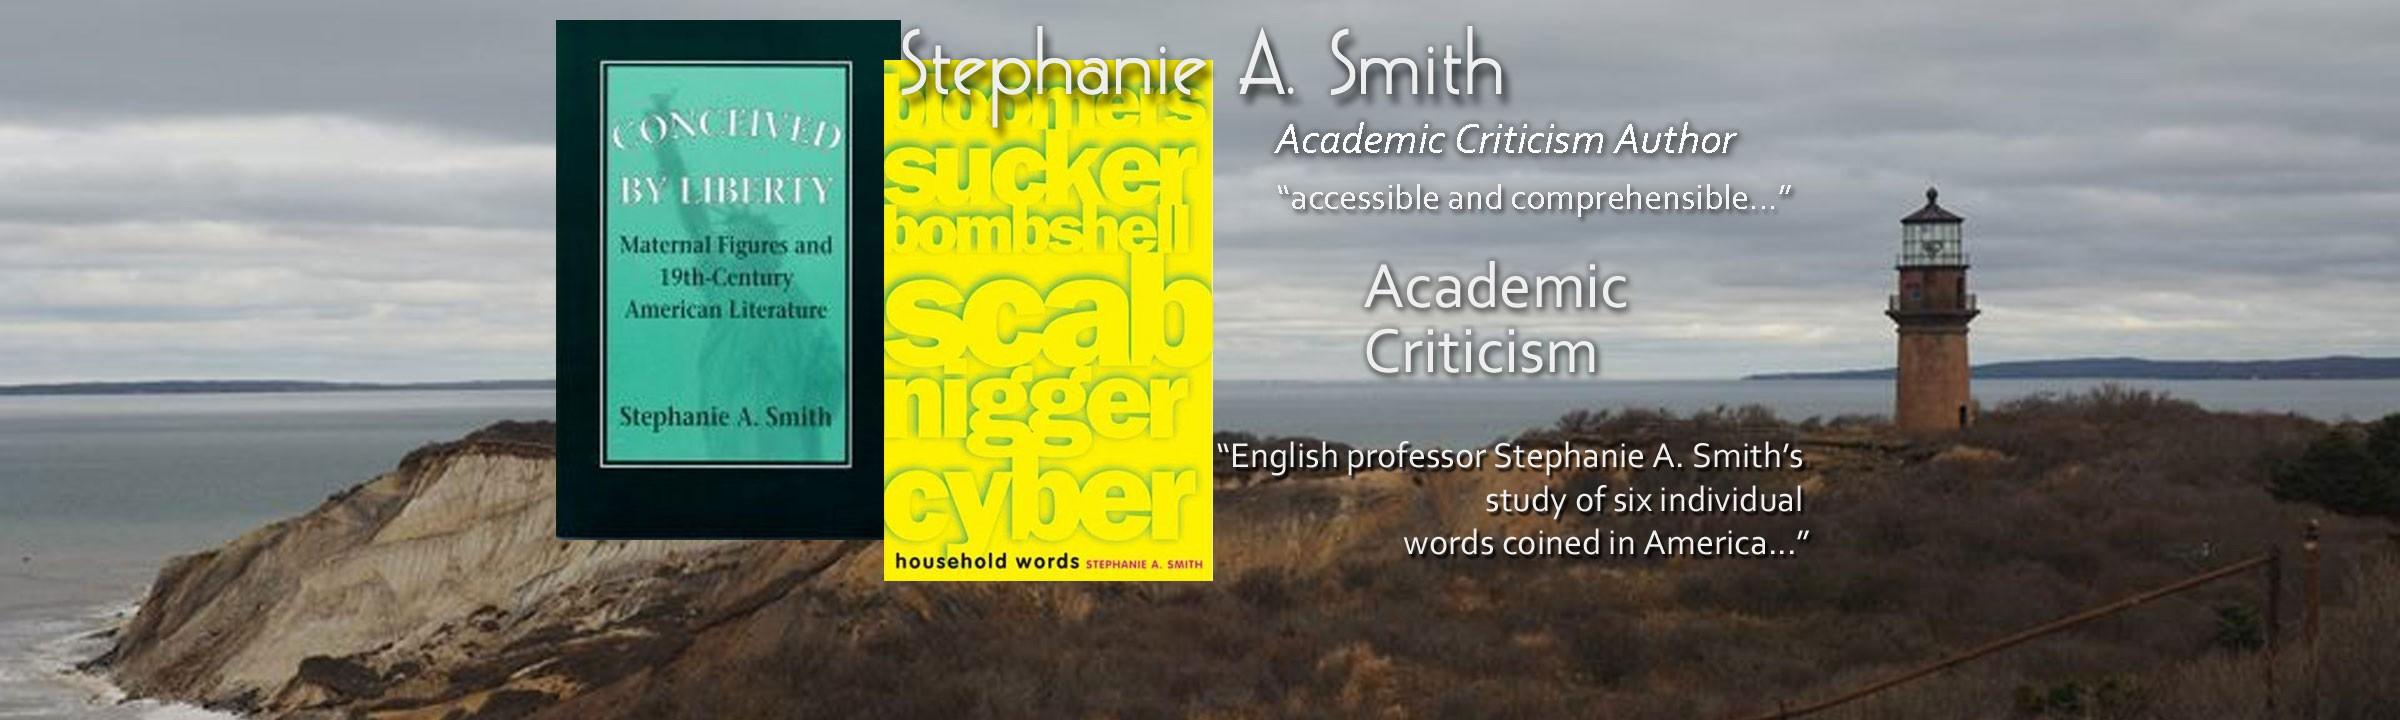 7_academic-criticism